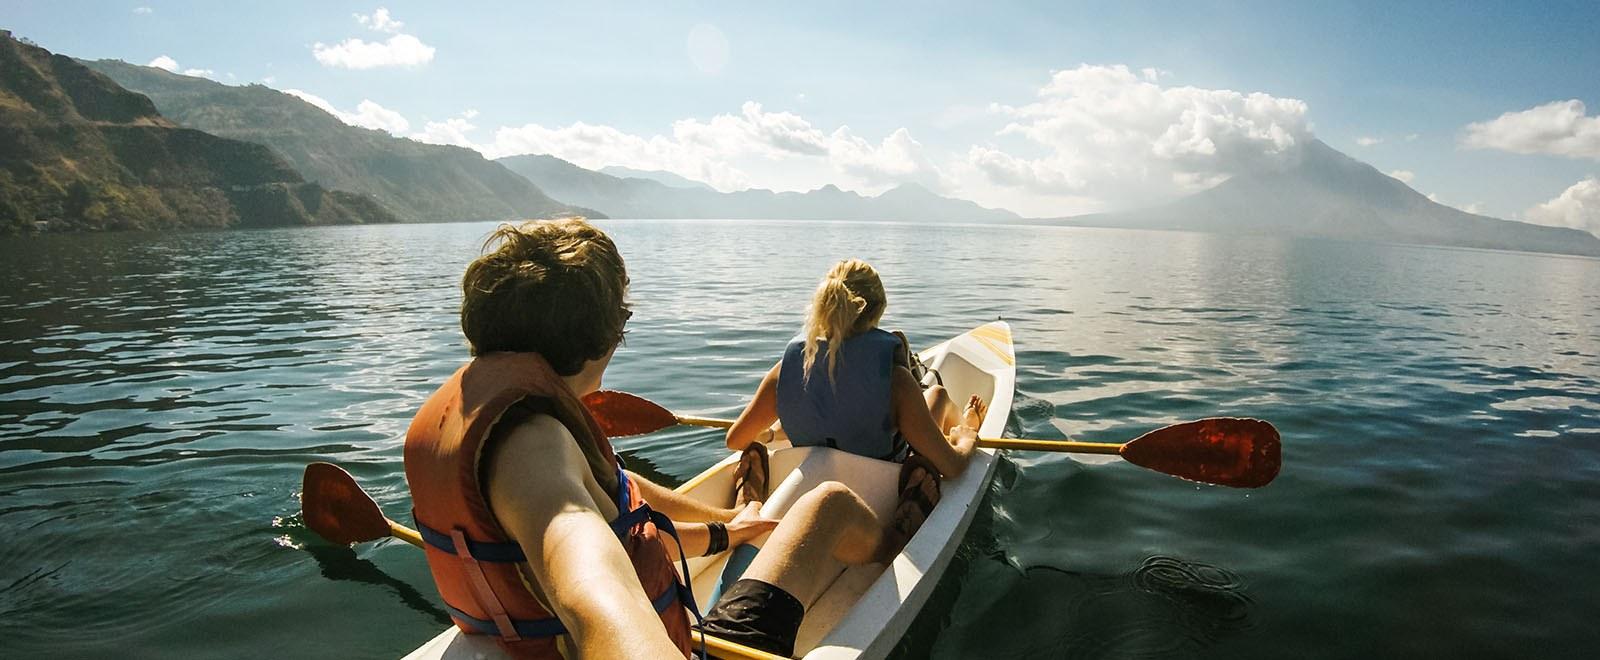 2 people in a canoe